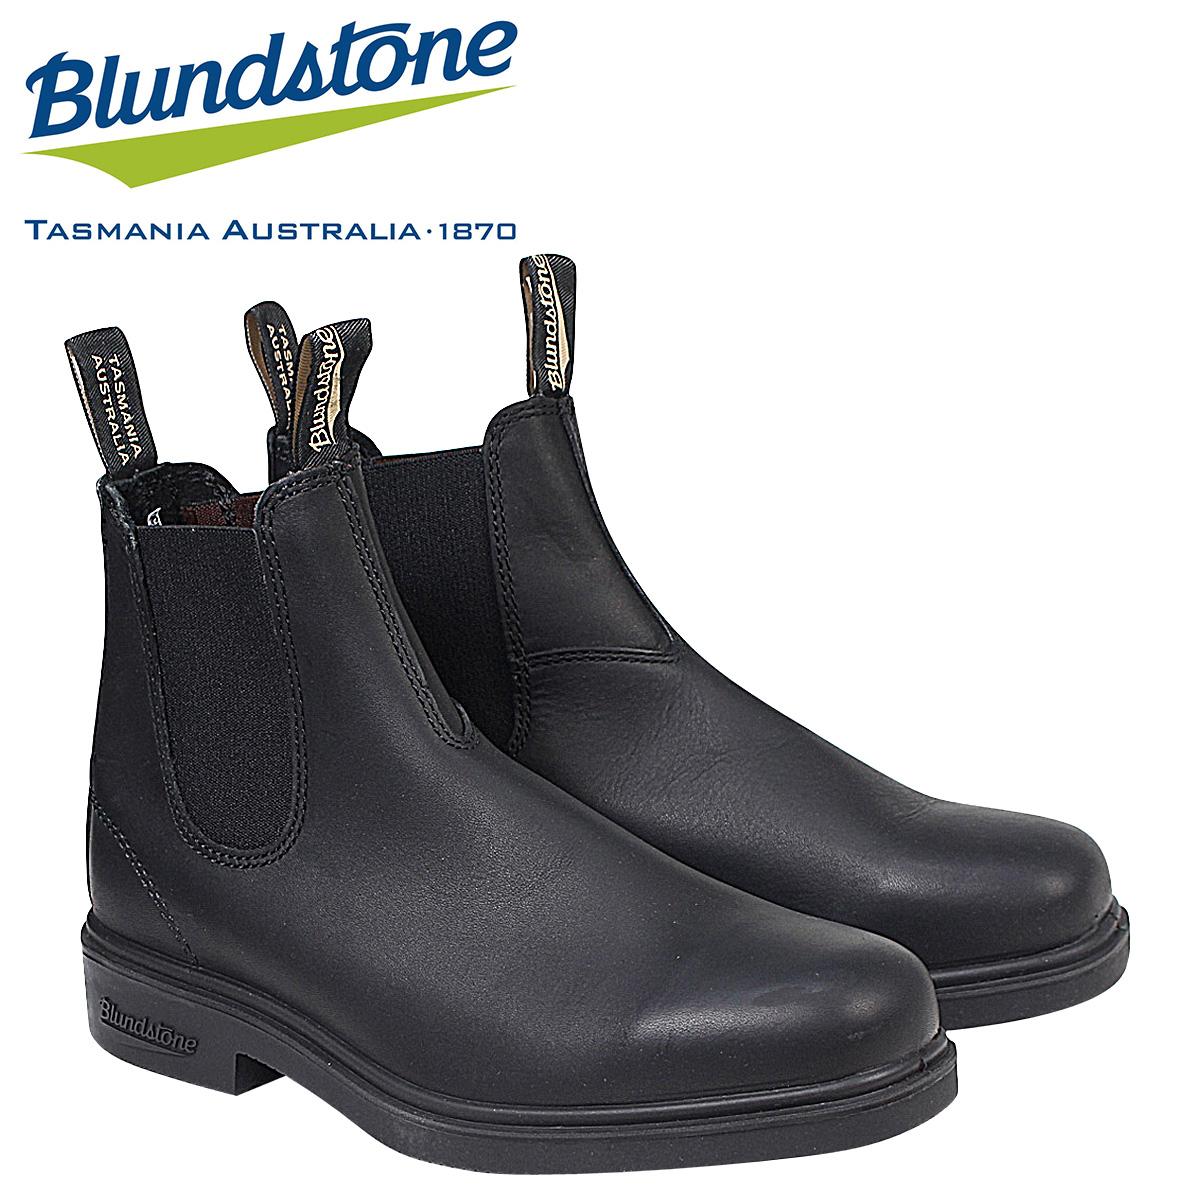 Blundstone DRESS CHELSEA BOOTS 063 ブランドストーン サイドゴア メンズ ブーツ ブラック [2/28 再入荷]